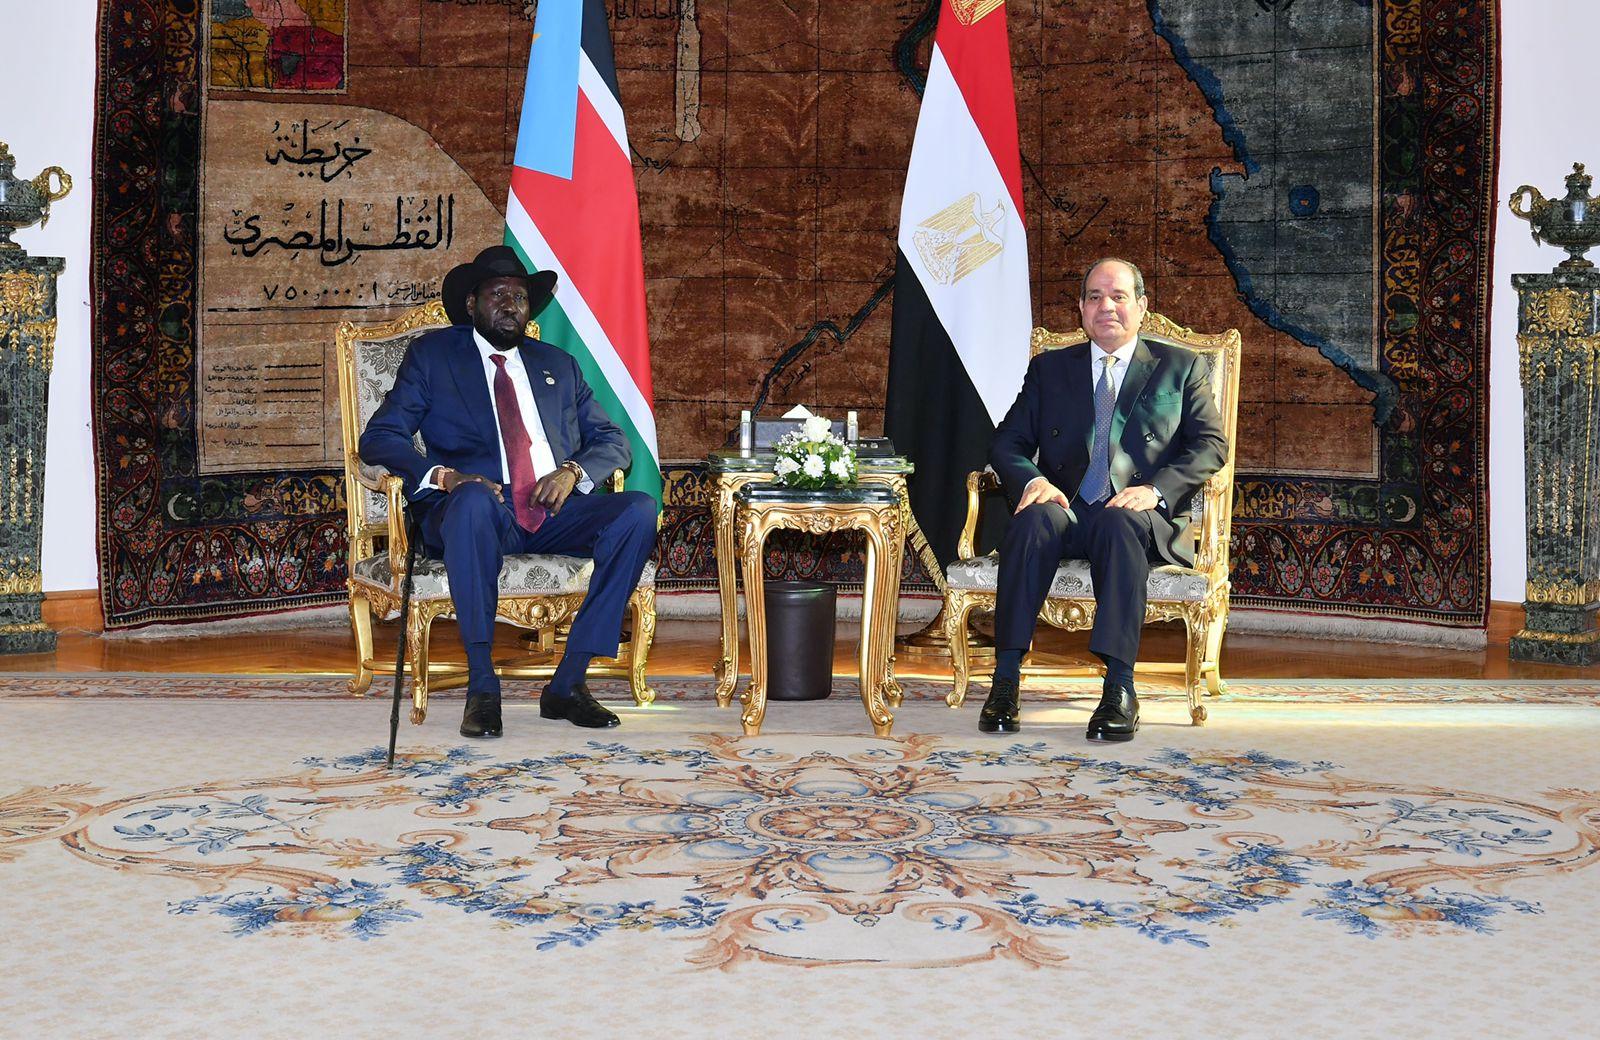 الرئيس السيسى يستقبل نظيره رئيس جنوب السودان  (7)